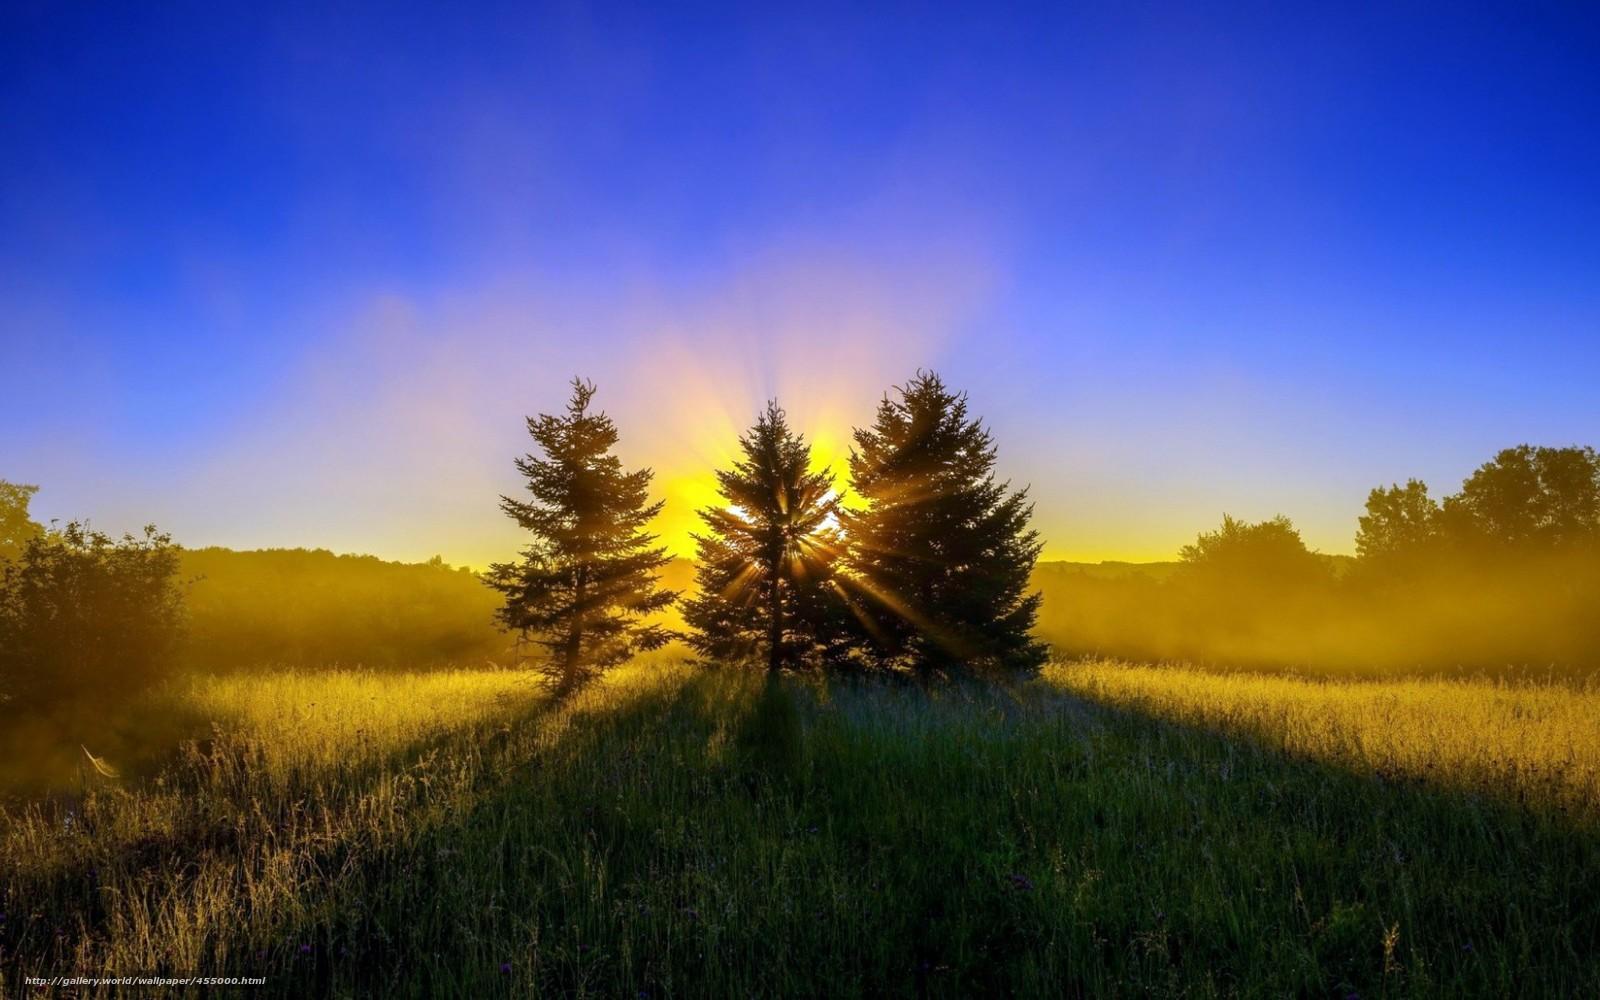 Опушка зелёная трава лес деревья